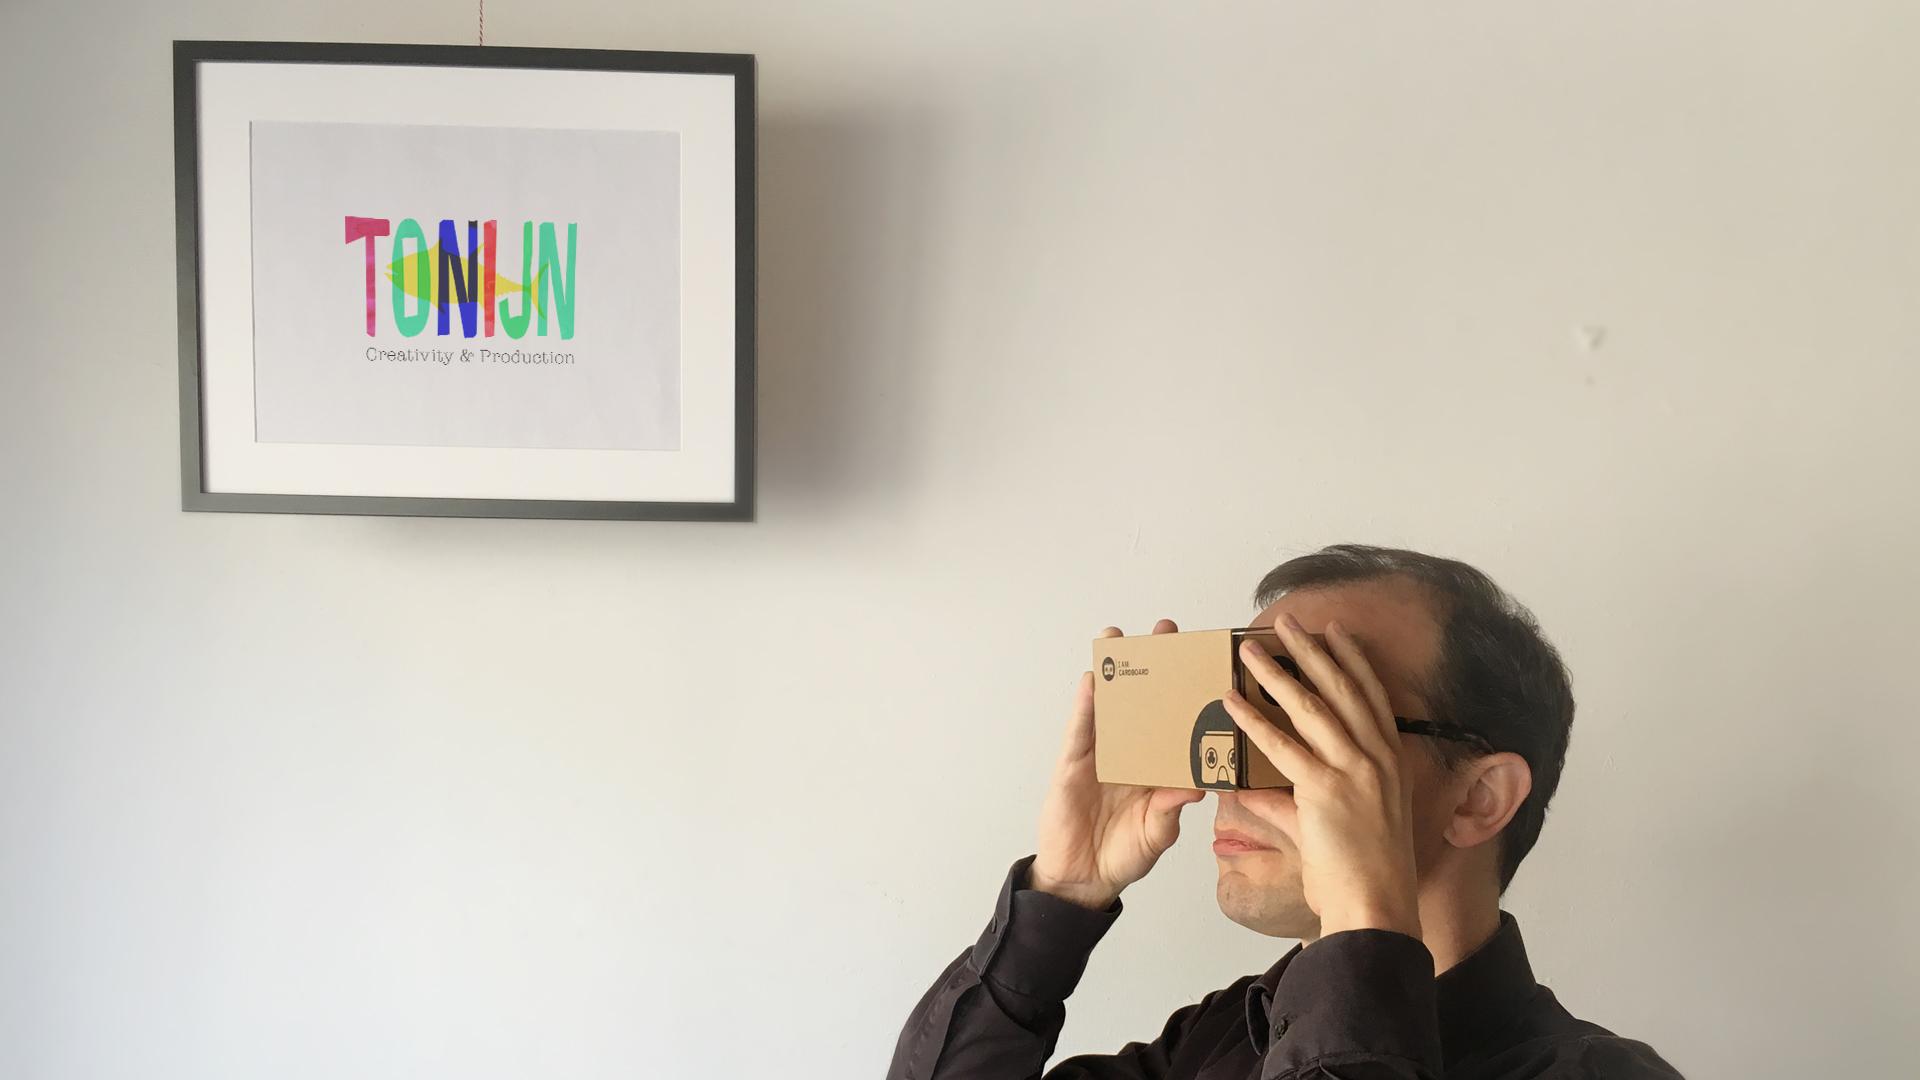 Cardboard example